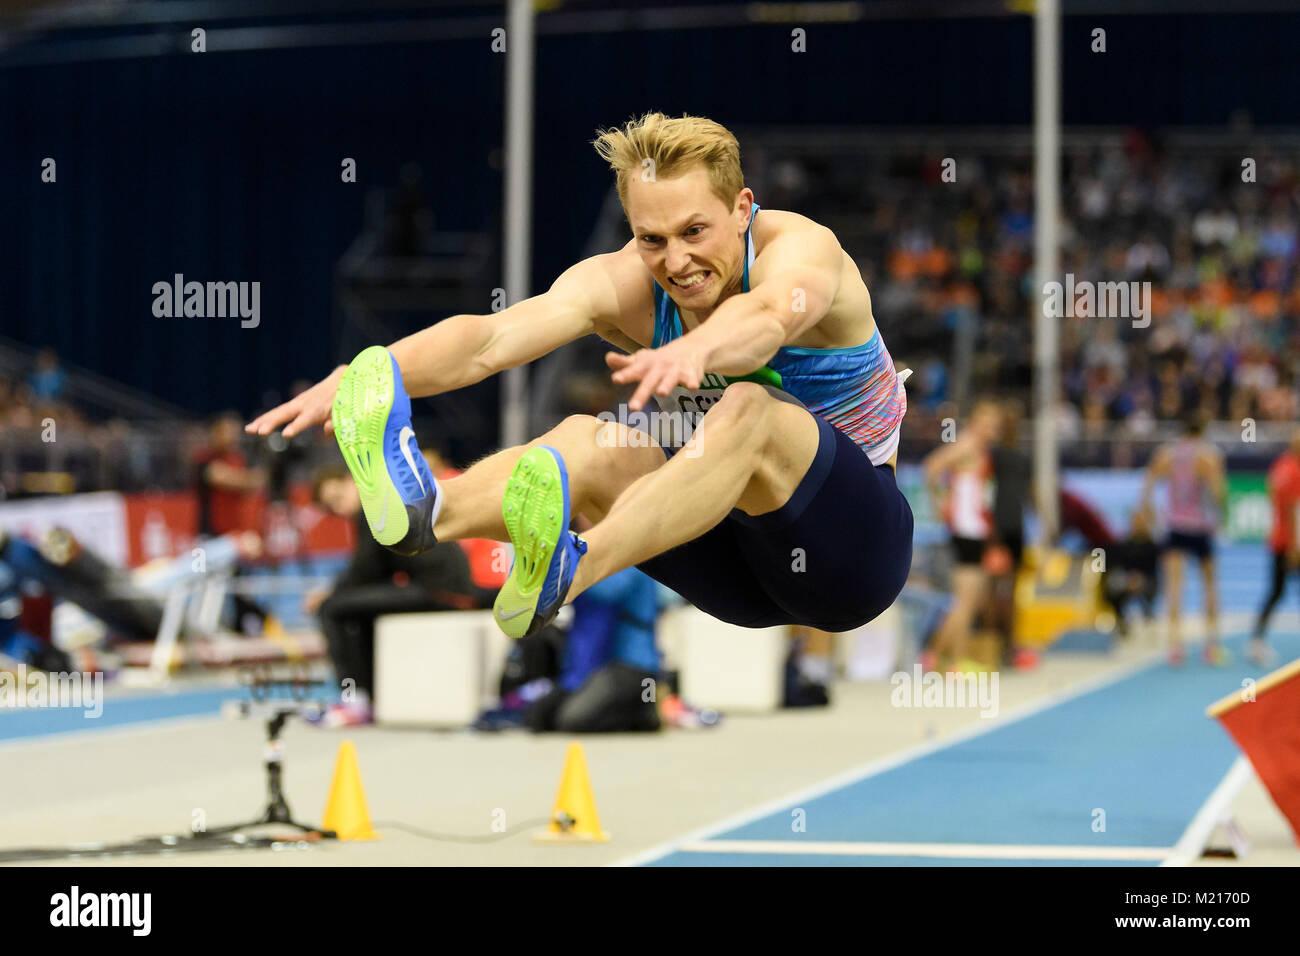 Karlsruhe, Deutschland. 03rd Feb, 2018. Weitsprung Maenner: Benjamin Gfoehler (SUI). GES/ Leichtathletik/ Indoor - Stock Image